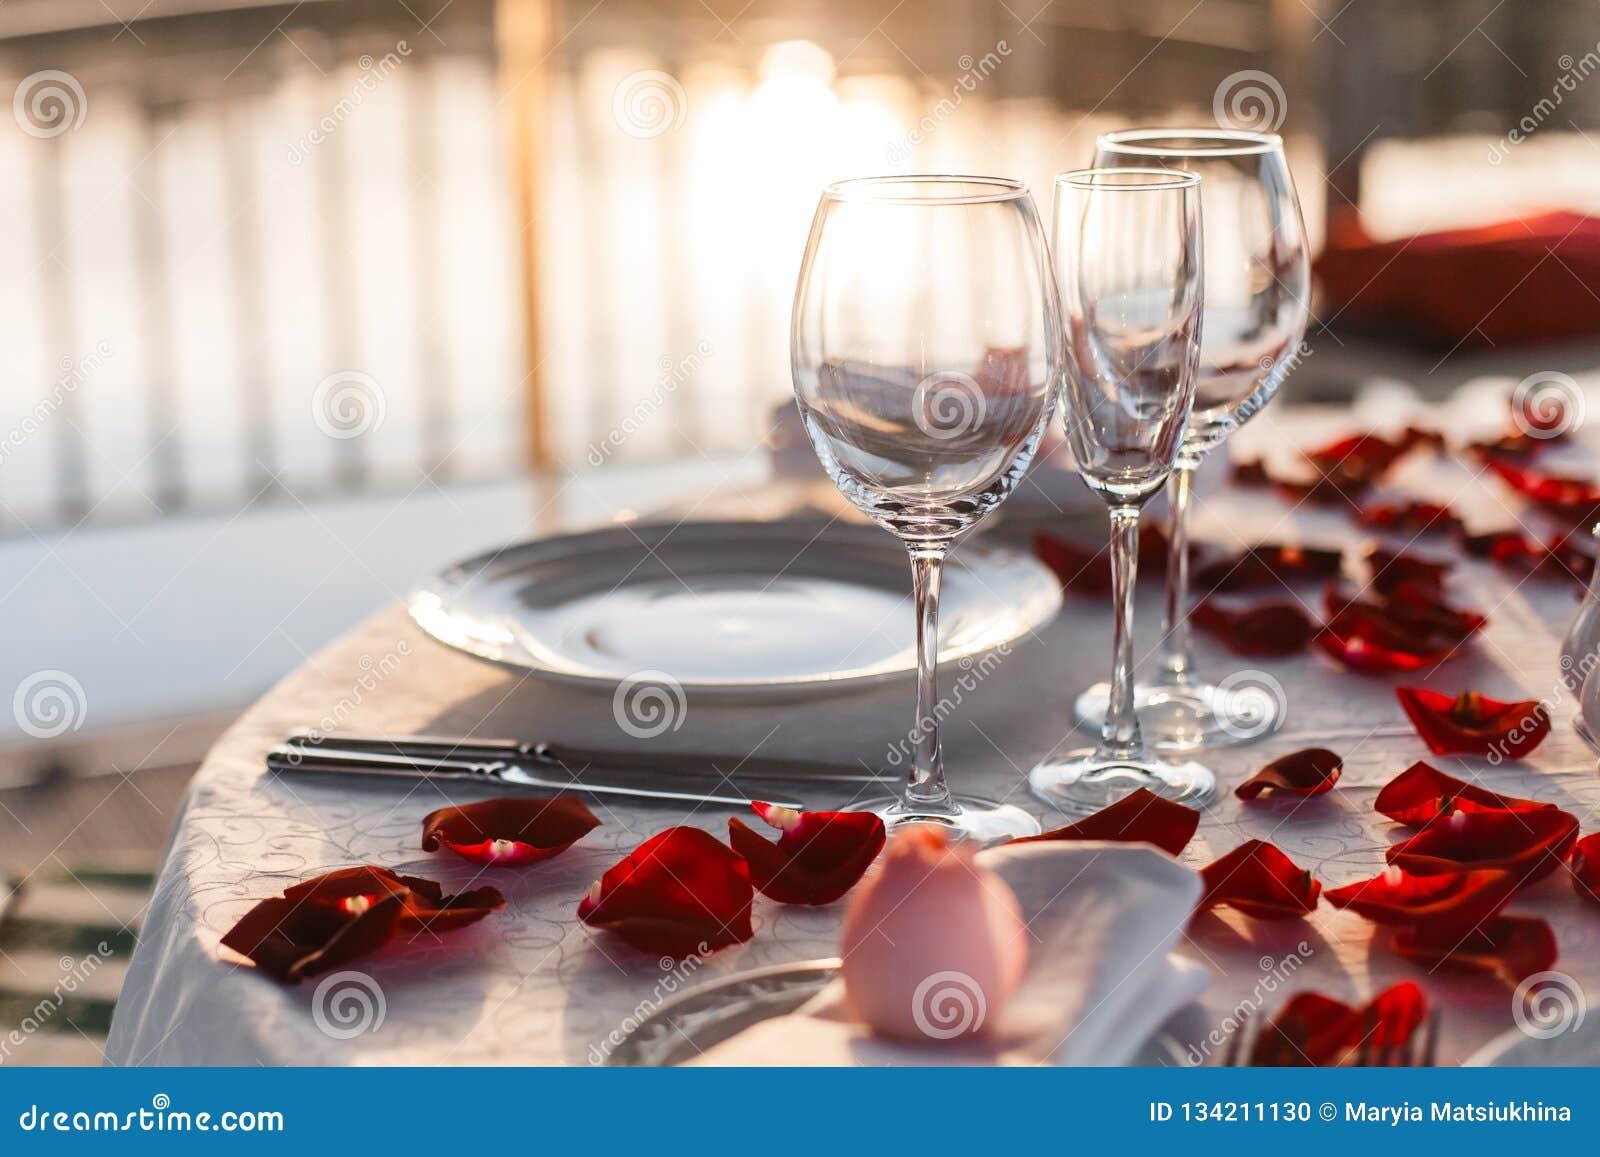 浪漫情人节晚餐设定与玫瑰花瓣